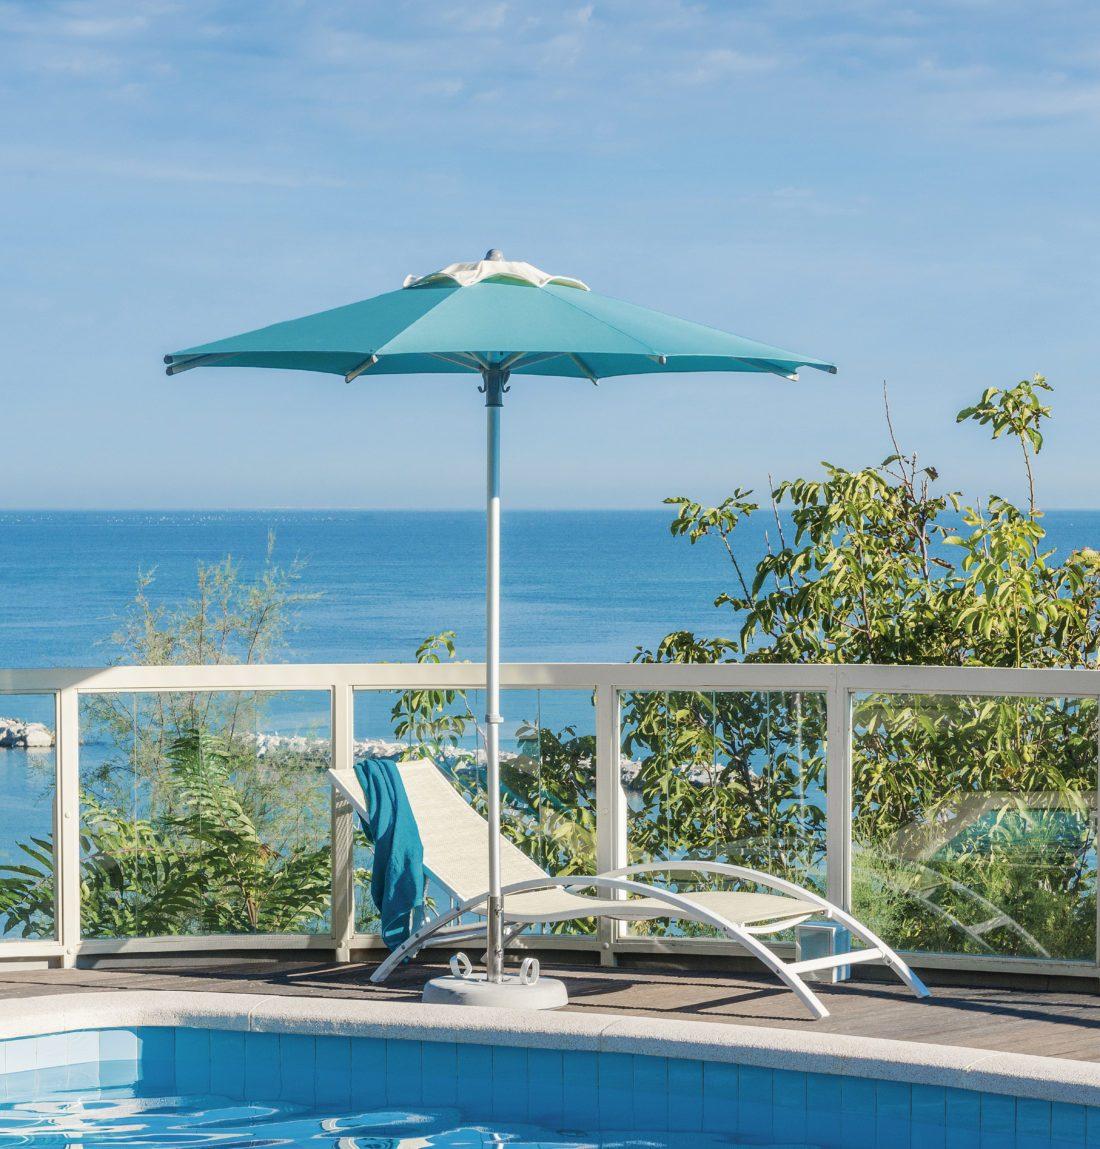 Ombrellone spiaggia Picasso quadrato - Tessitura Selva - arredi e attrezzatura da spiaggia e giardini